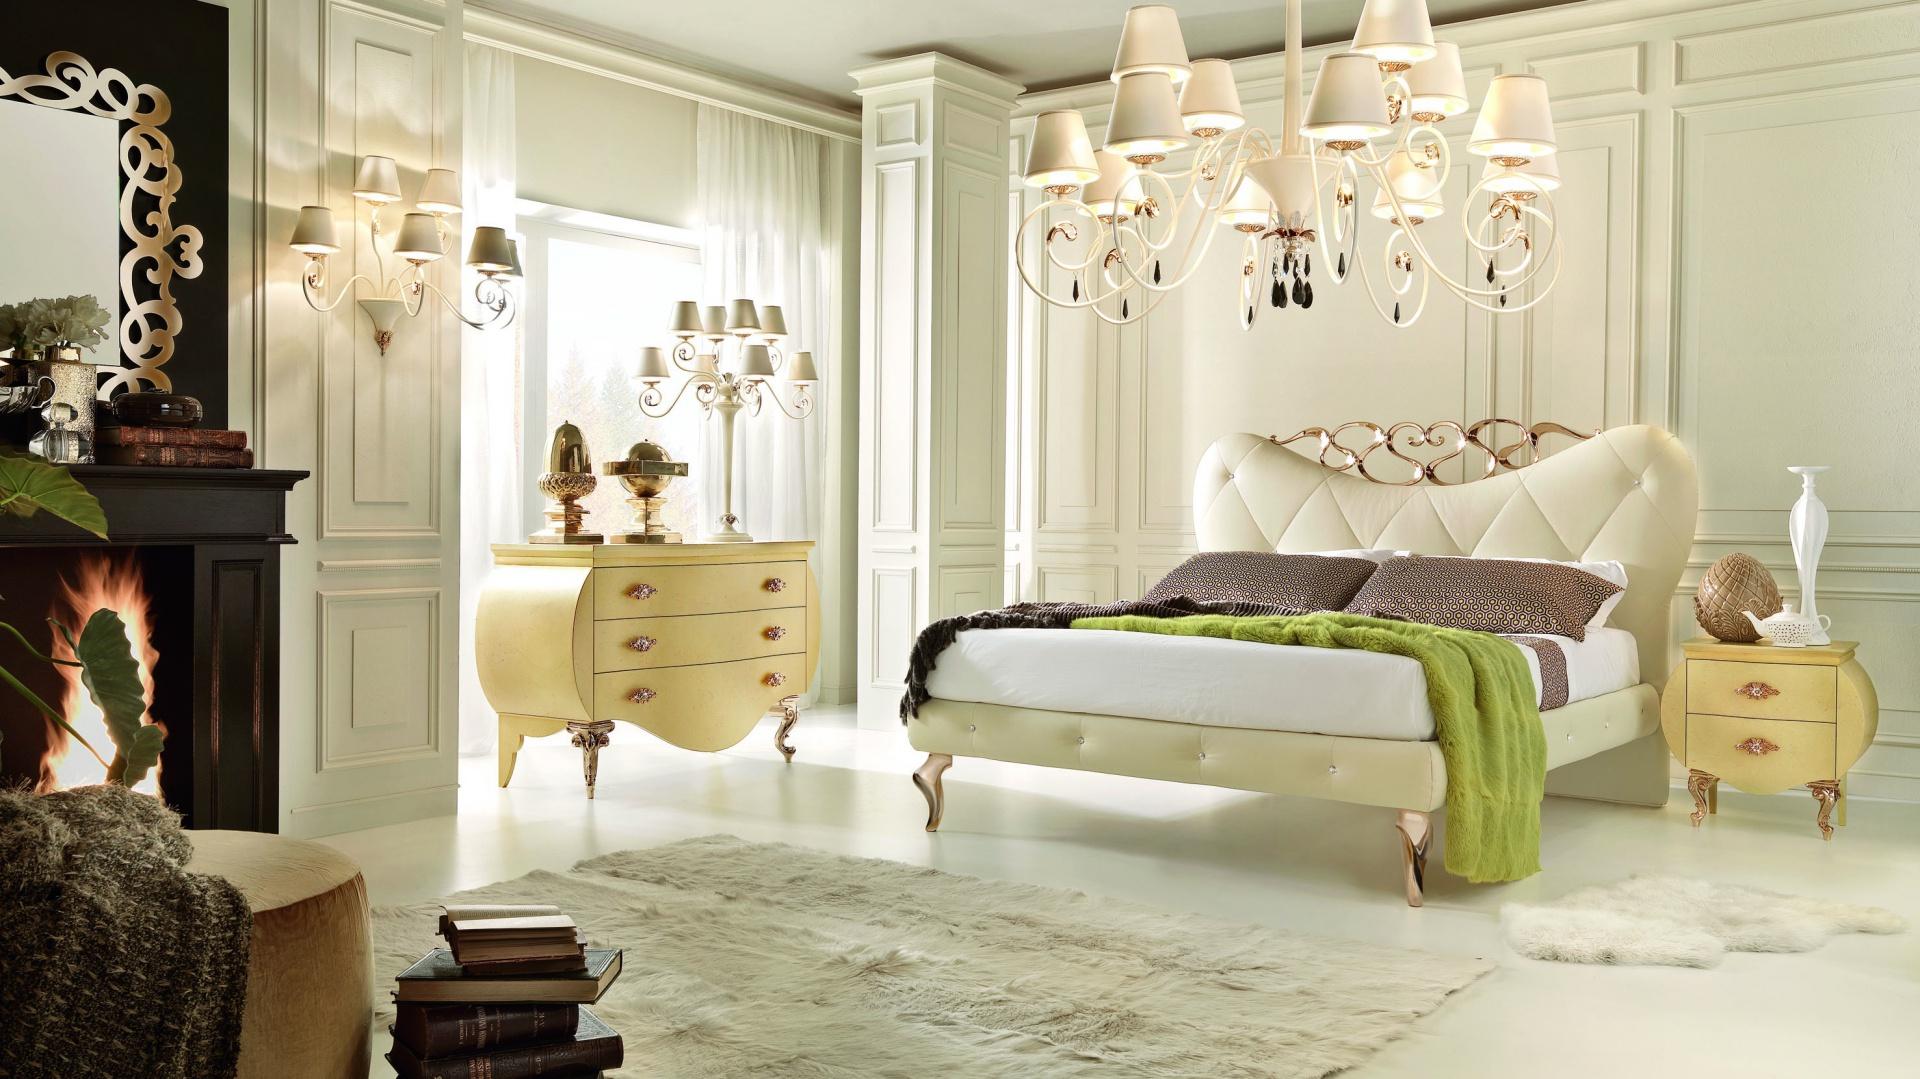 Tapicerowane w skórze łóżko Venere, którego pikowania zostały ozdobione kryształkami Swarovskiego, a nózki i szczyt wezgłowia dekorowane 24-karatowym złotem. Fot. Bova